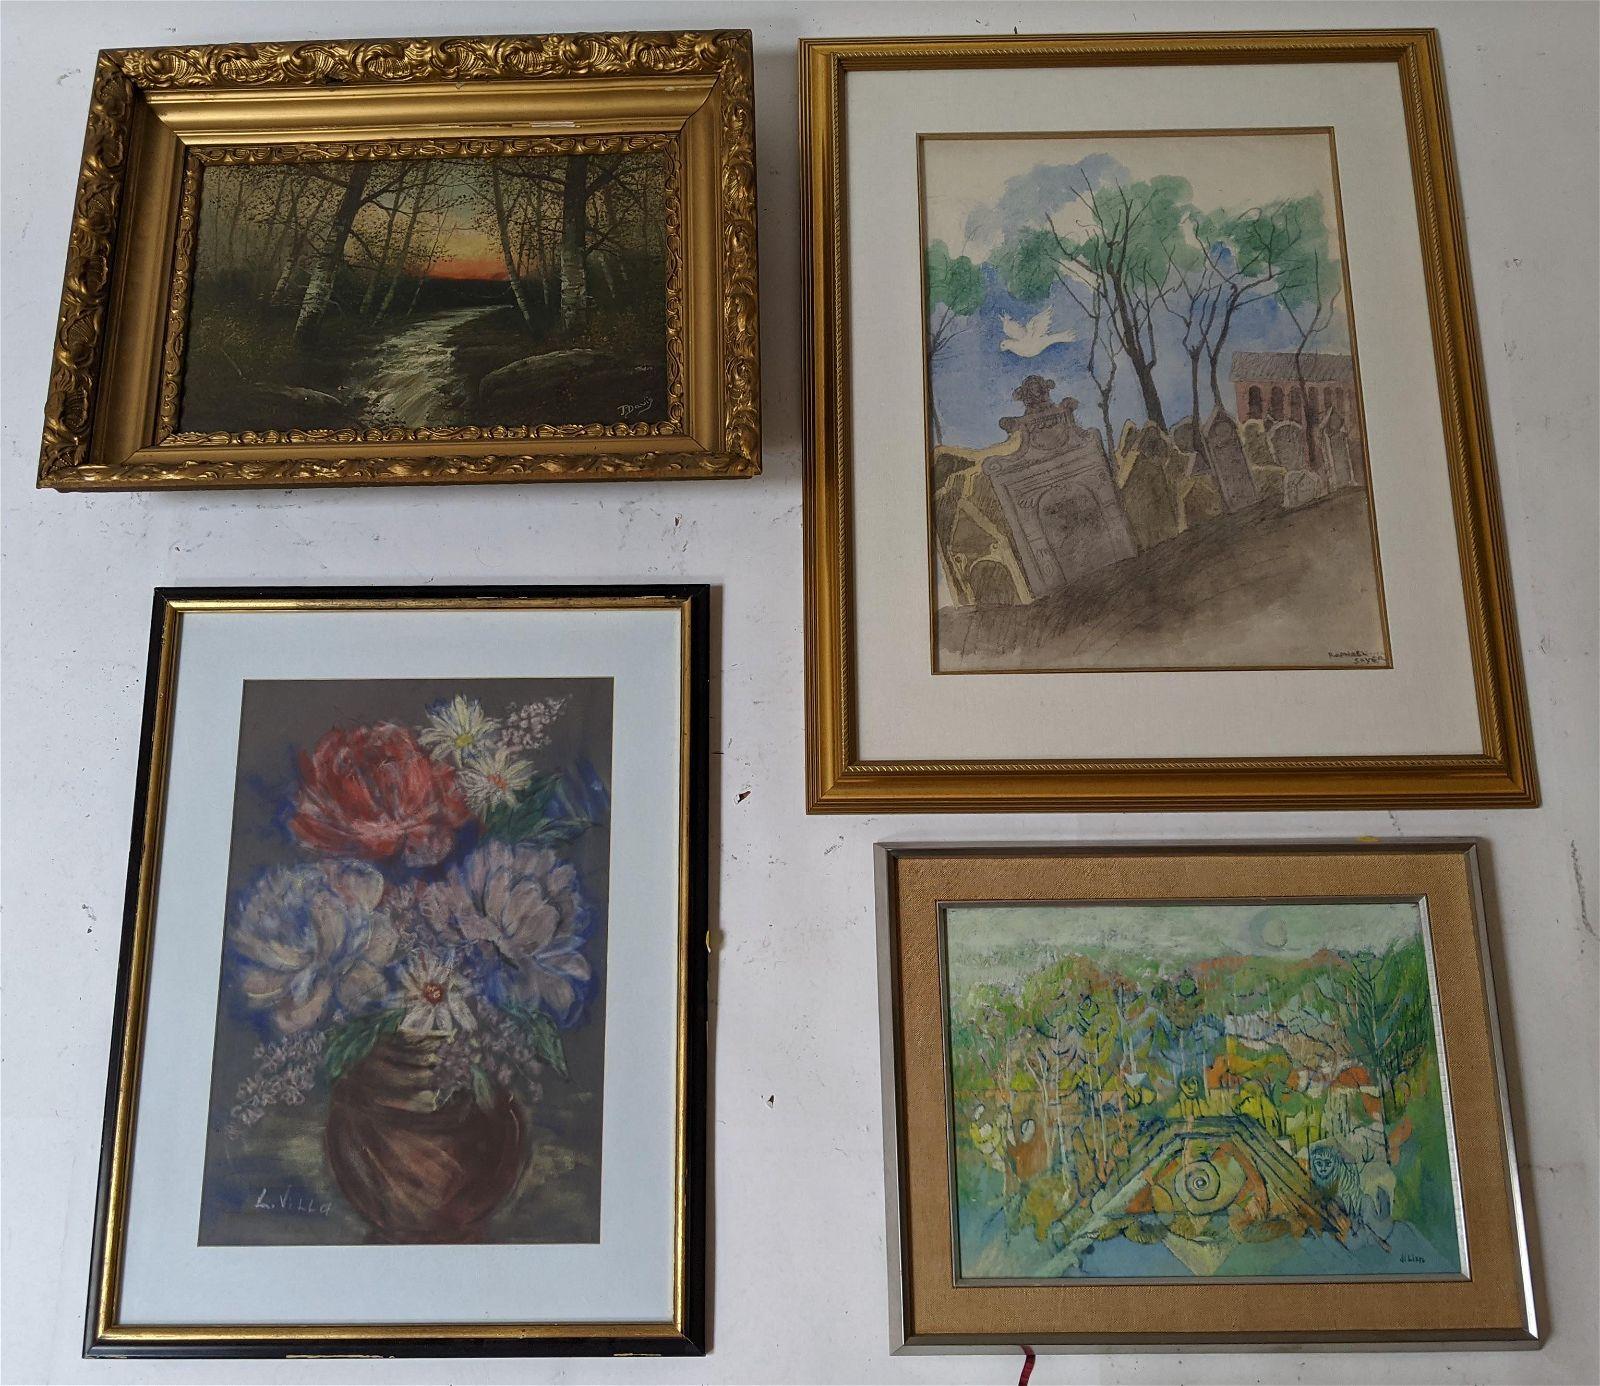 Four Original Framed Landscape Artworks